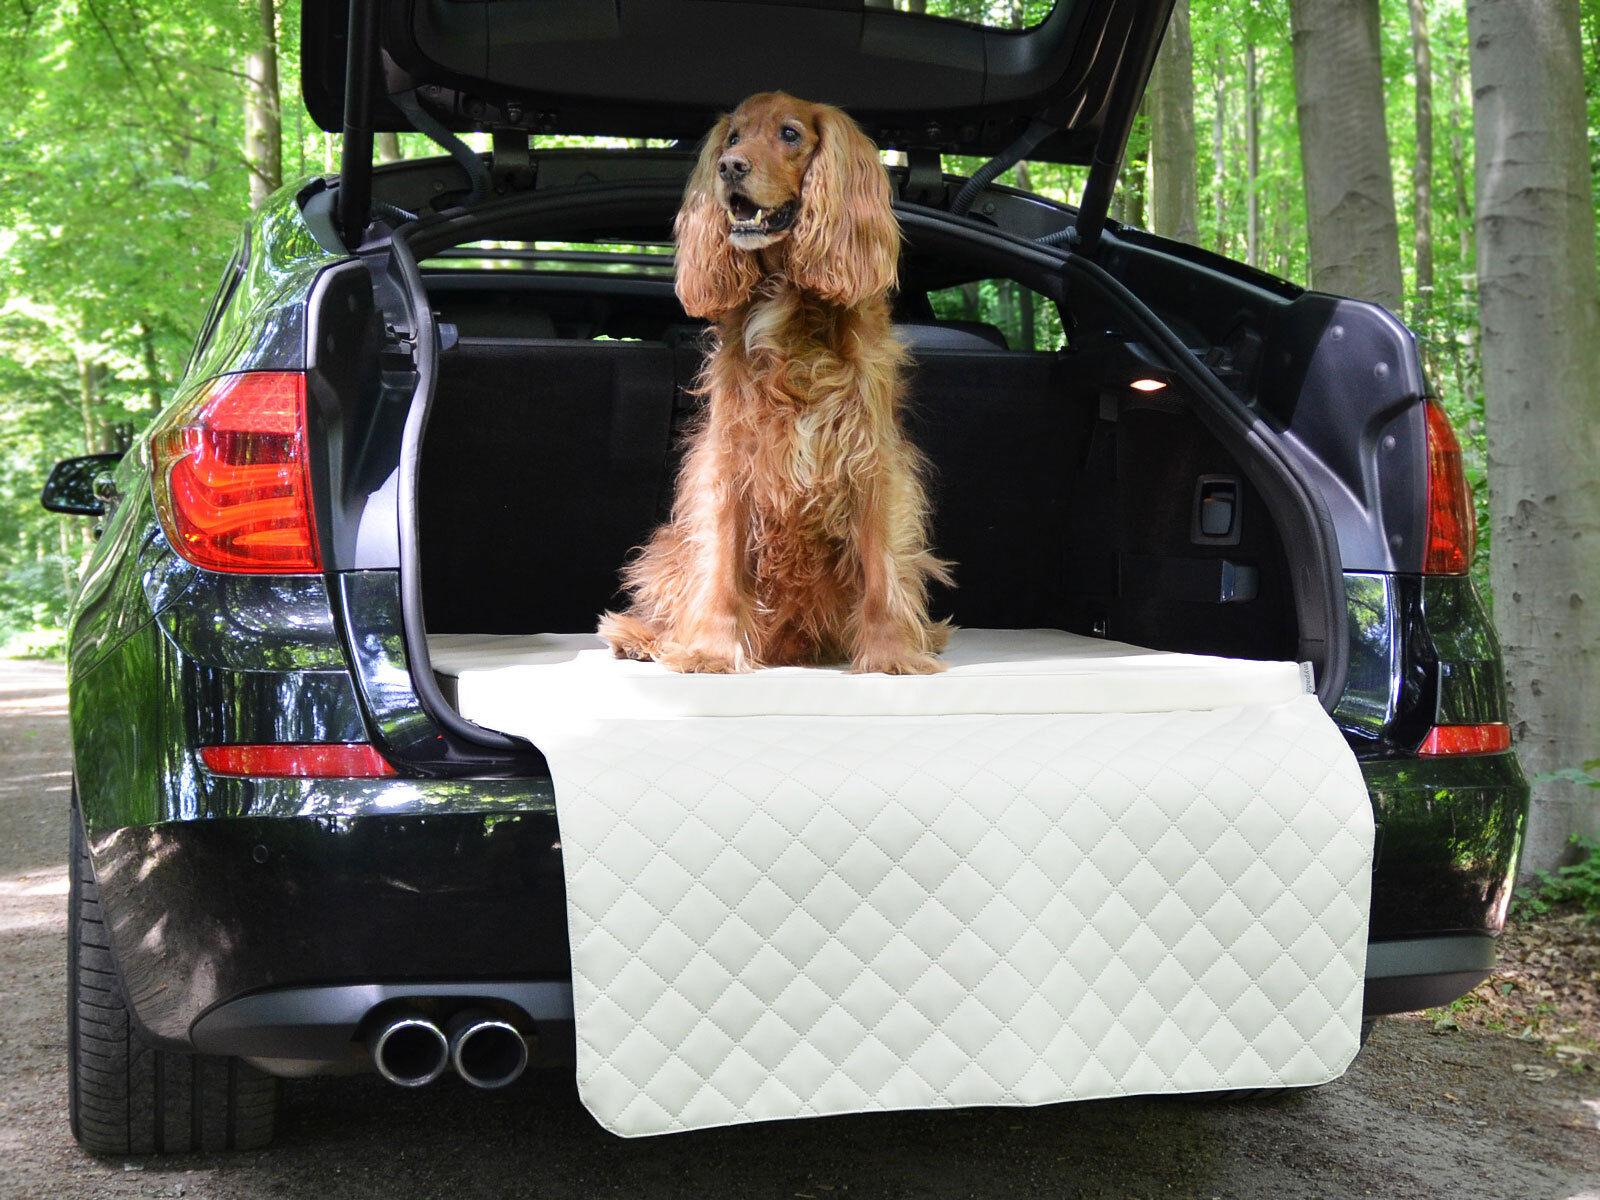 risparmiare fino all'80% AUTO già già già coperta-portabagagli Copertura Protettiva-AUTO-Letto per cani in ecopelle crema  Miglior prezzo